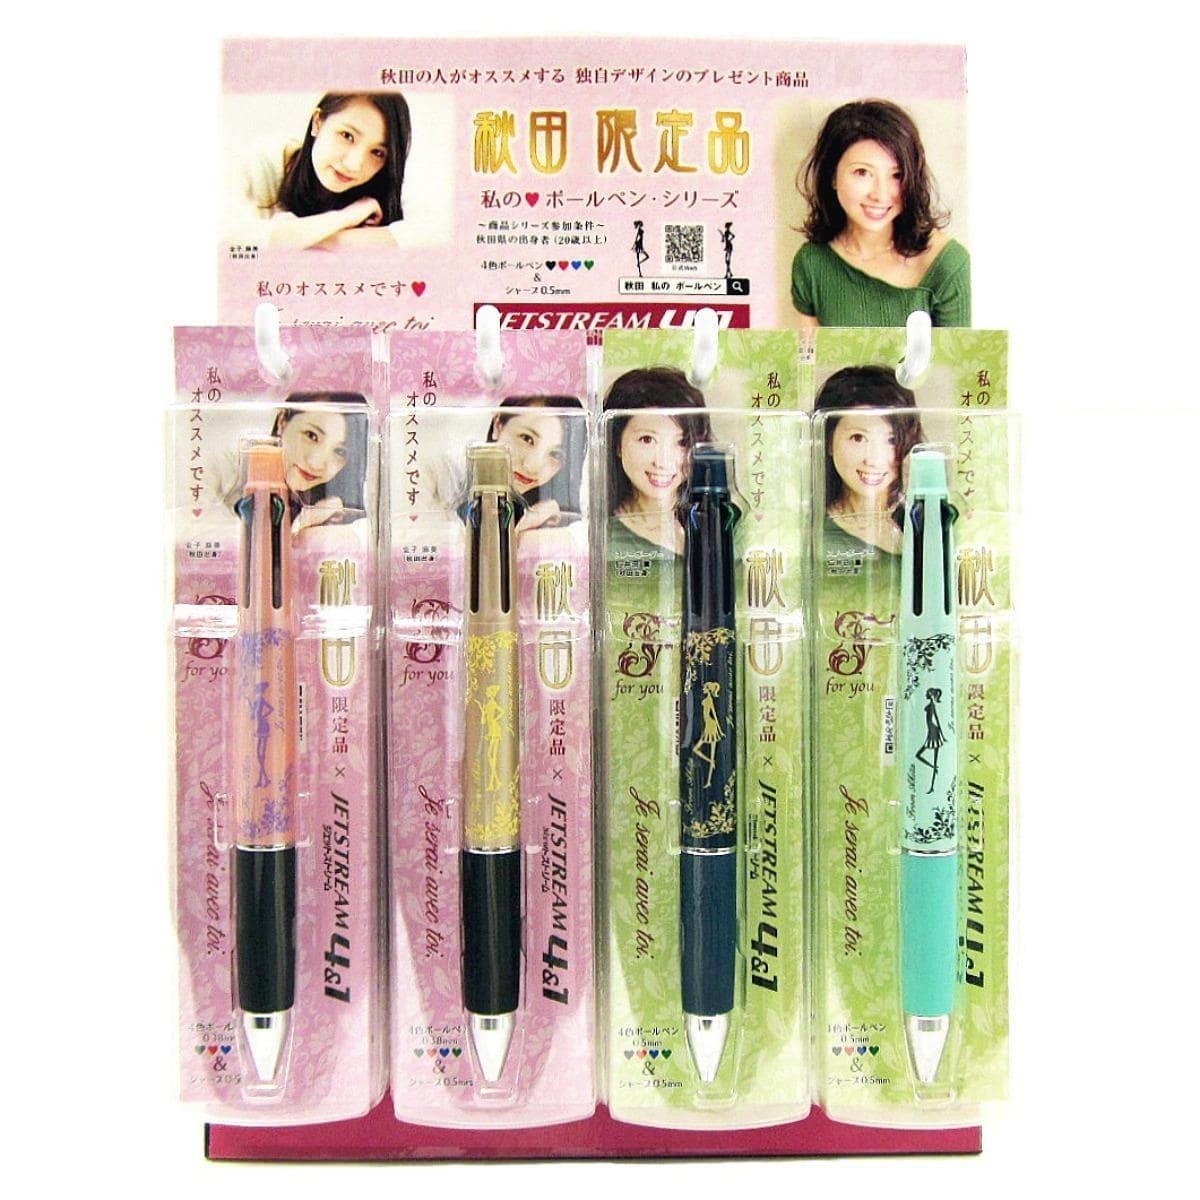 那波伊四郎商店(秋田市大町4)が発売した三菱鉛筆社製「私のボールペン」